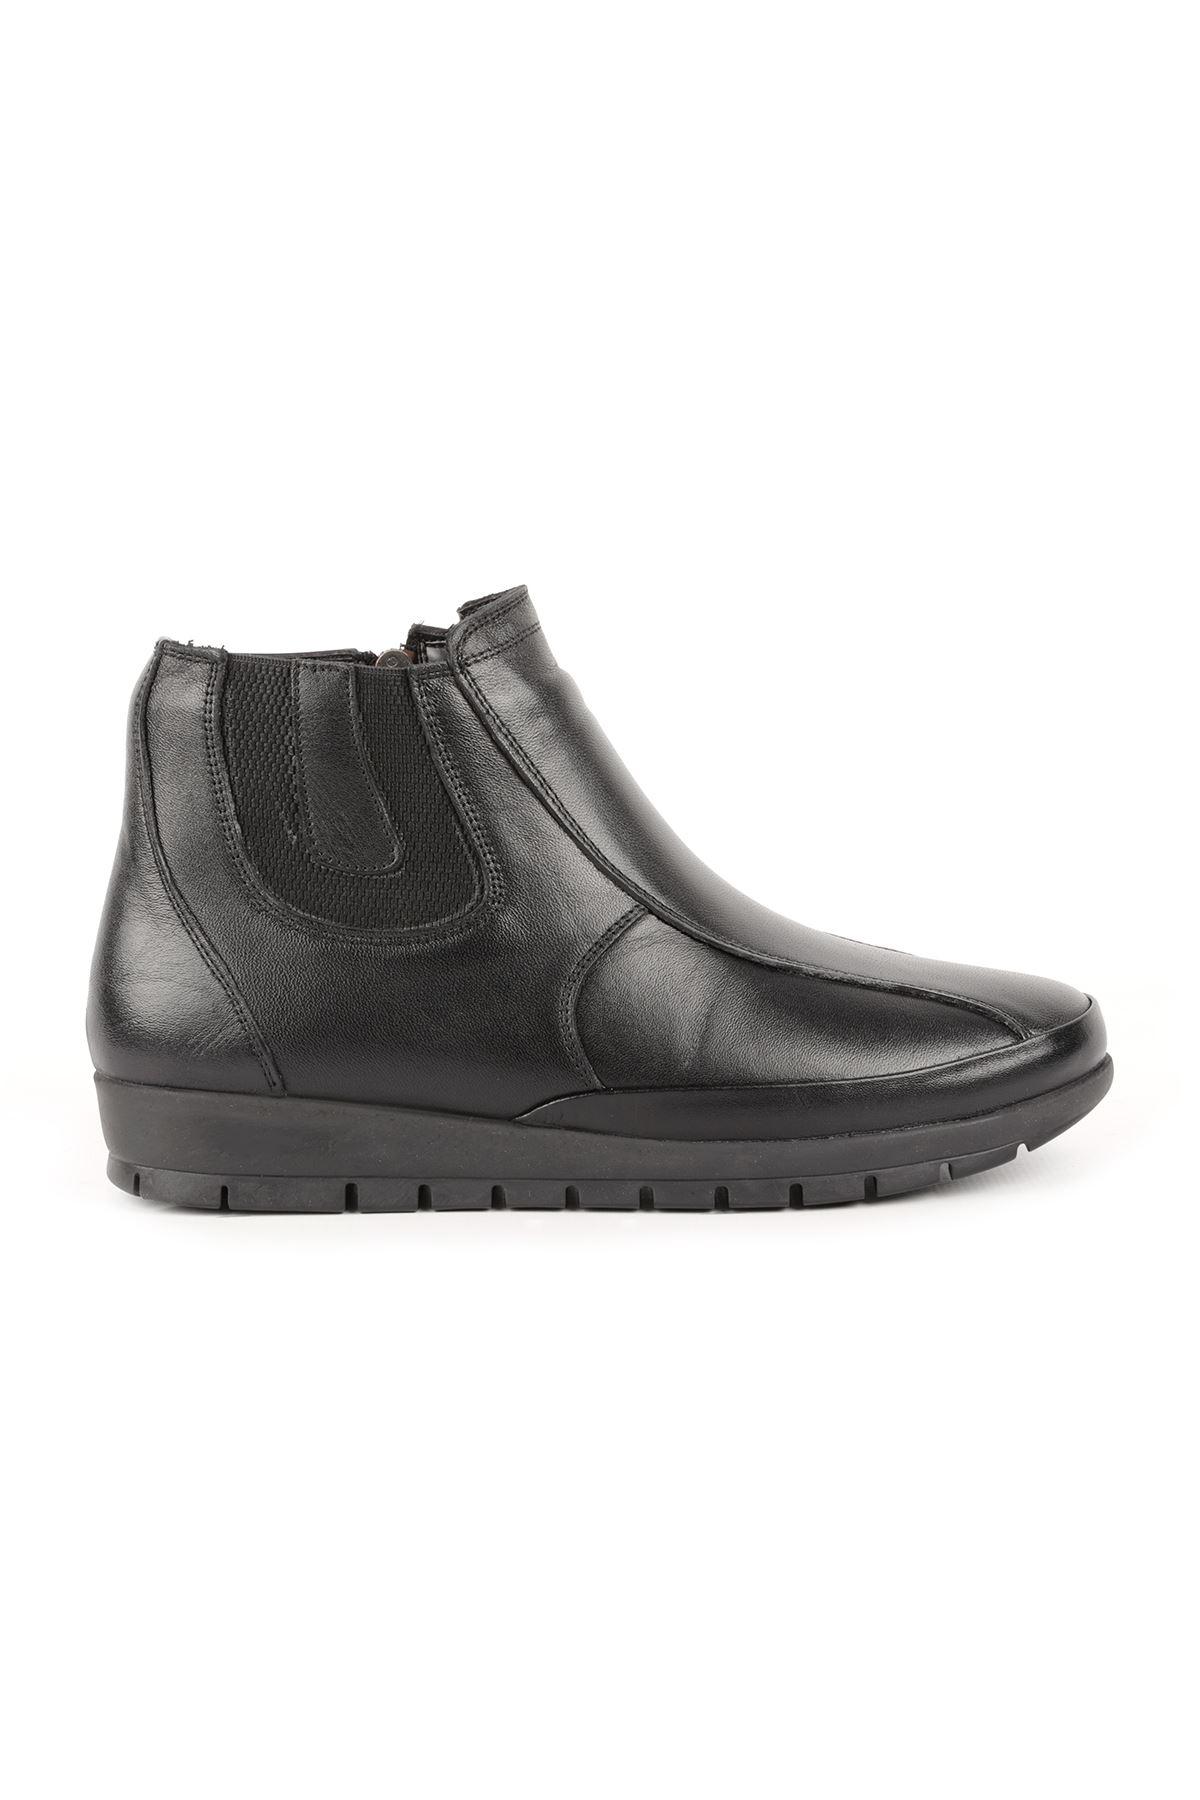 Libero ES209 Black Men's Boots